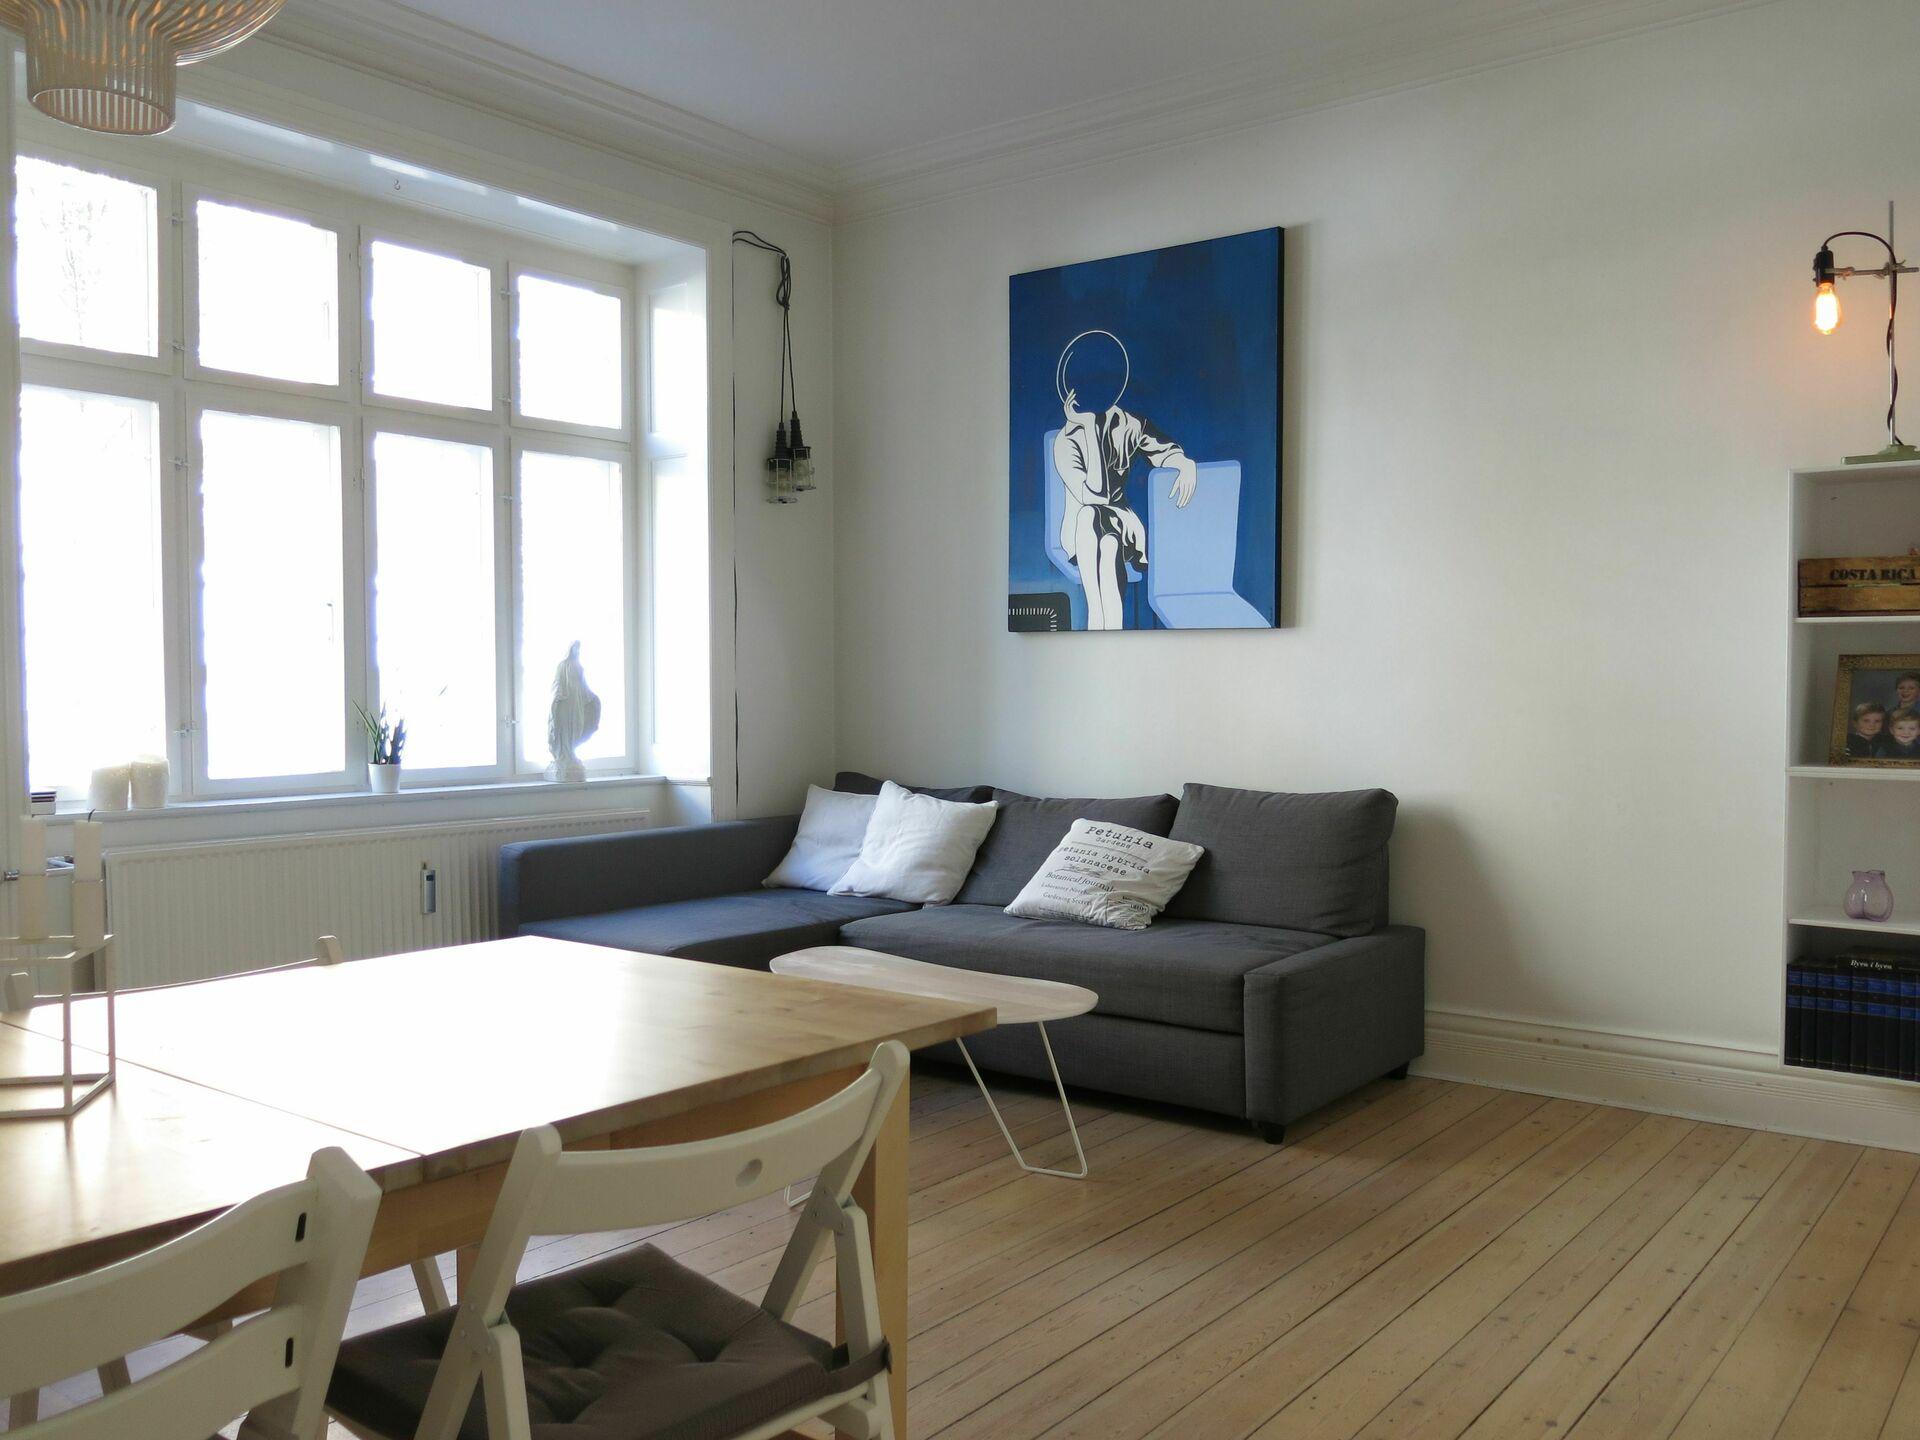 Kopenhagen Wohnung sankt alle wohnung in kopenhagen